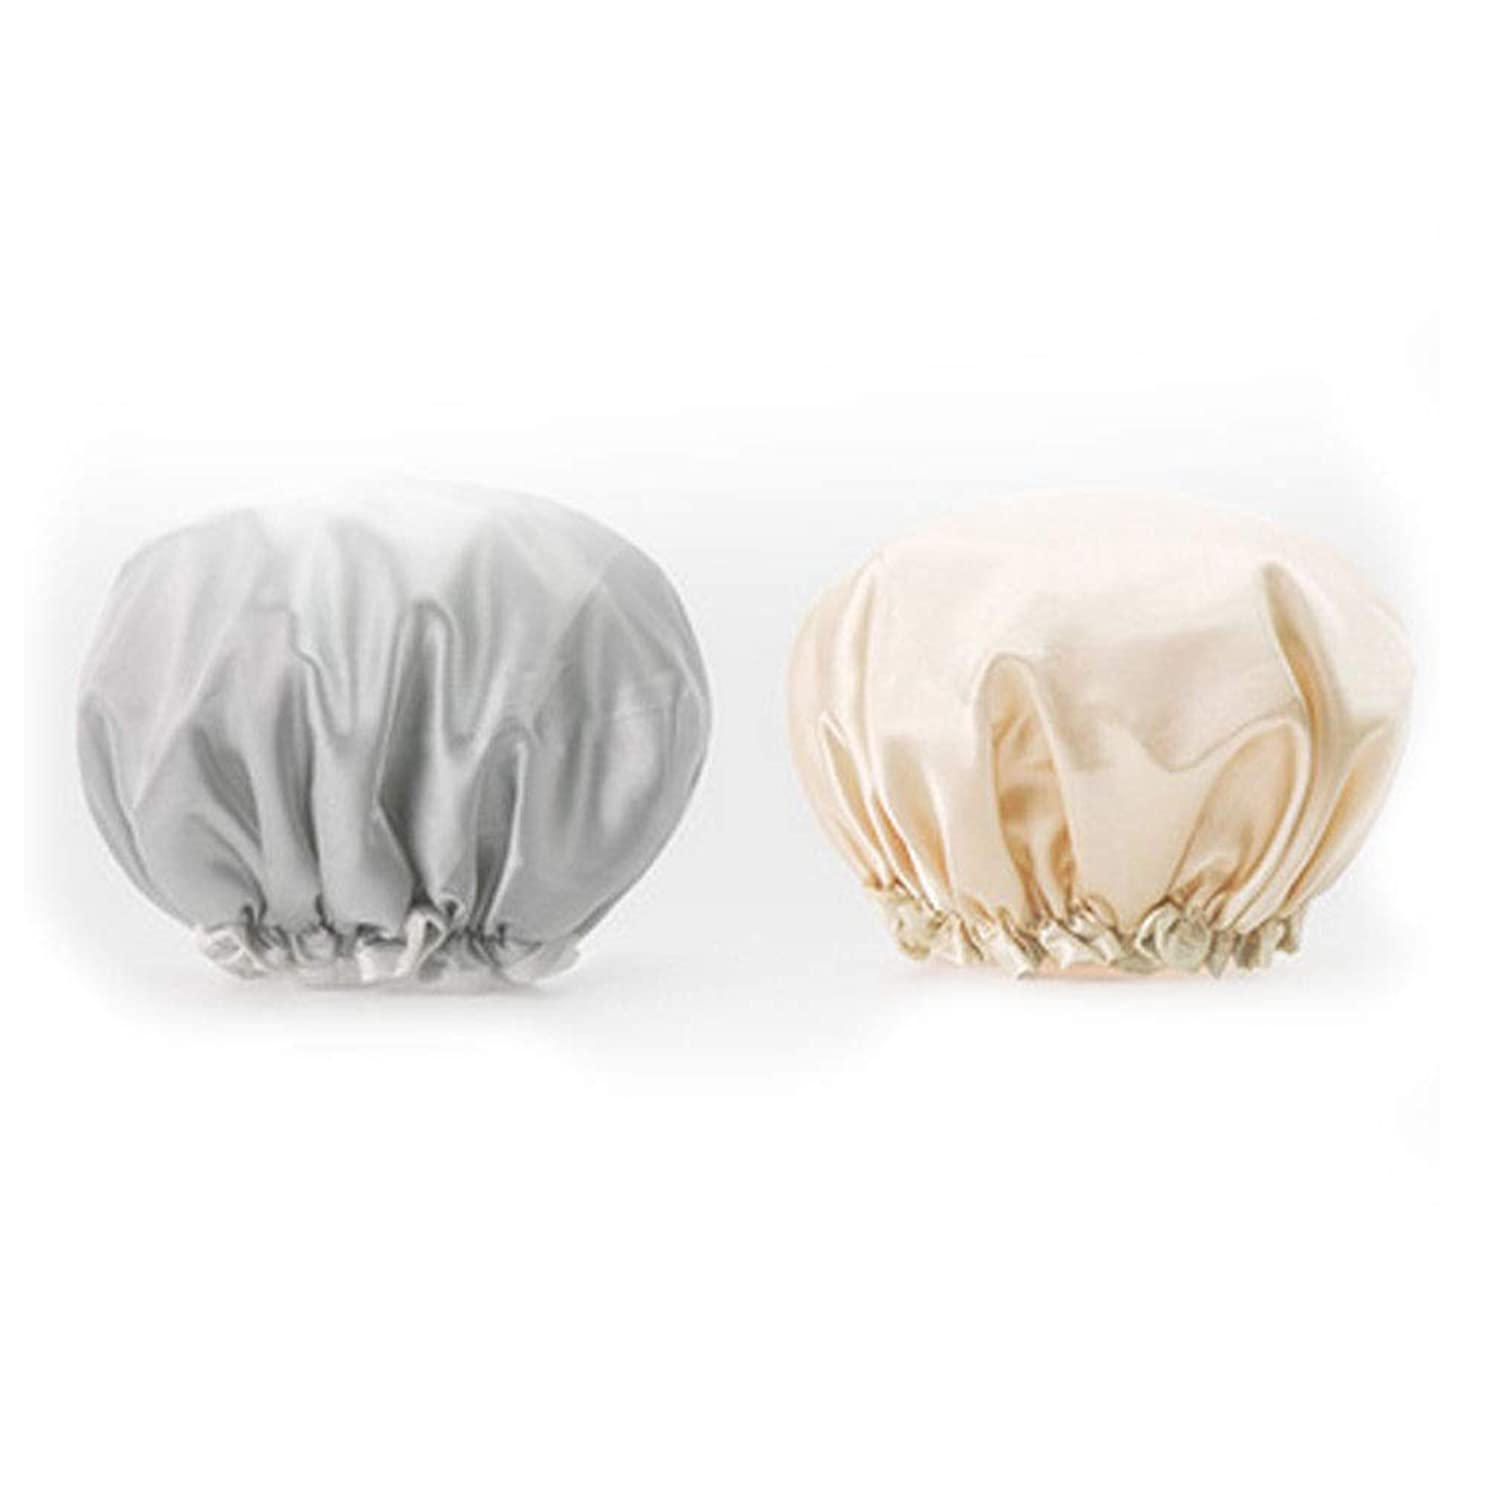 腹ゴミ休みSShowerキャップ、レディースシャワーキャップ女性のためのデラックスシャワーキャップすべての髪の長さと厚さ - 防水とカビ防止、再利用可能なシャワーキャップ。 (Color : 6)